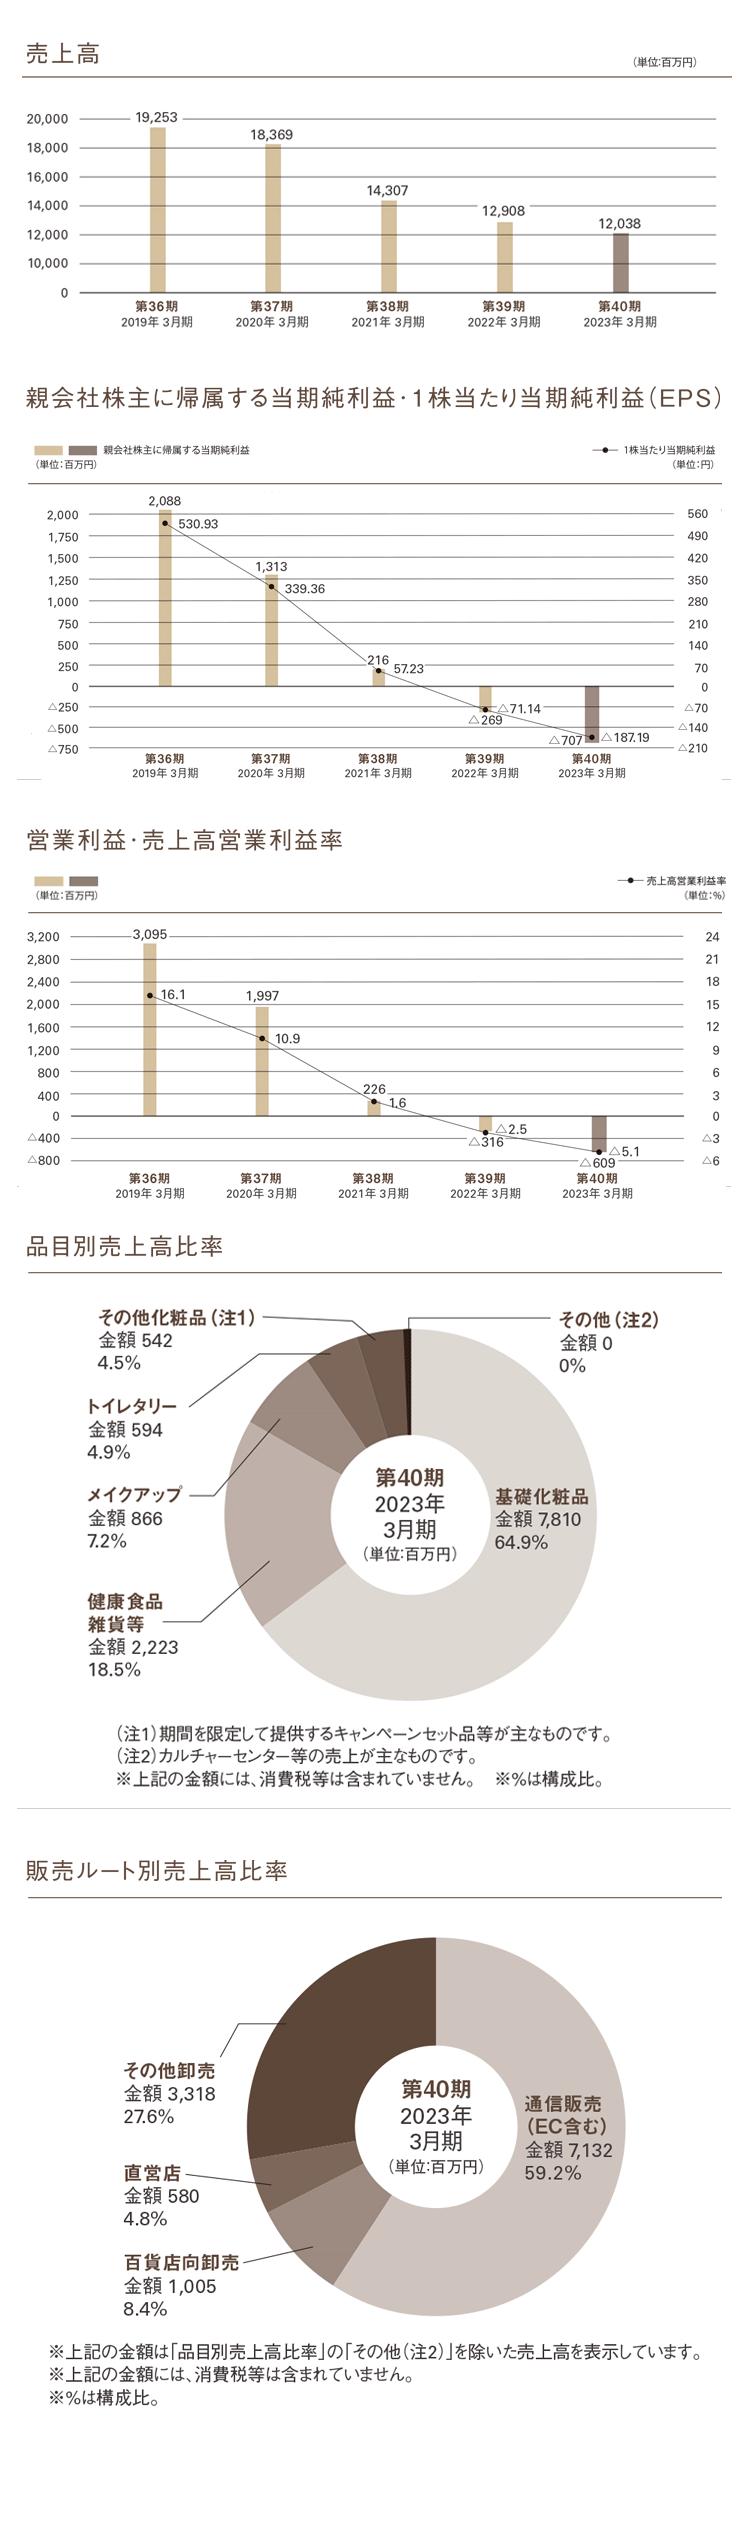 財務グラフ情報